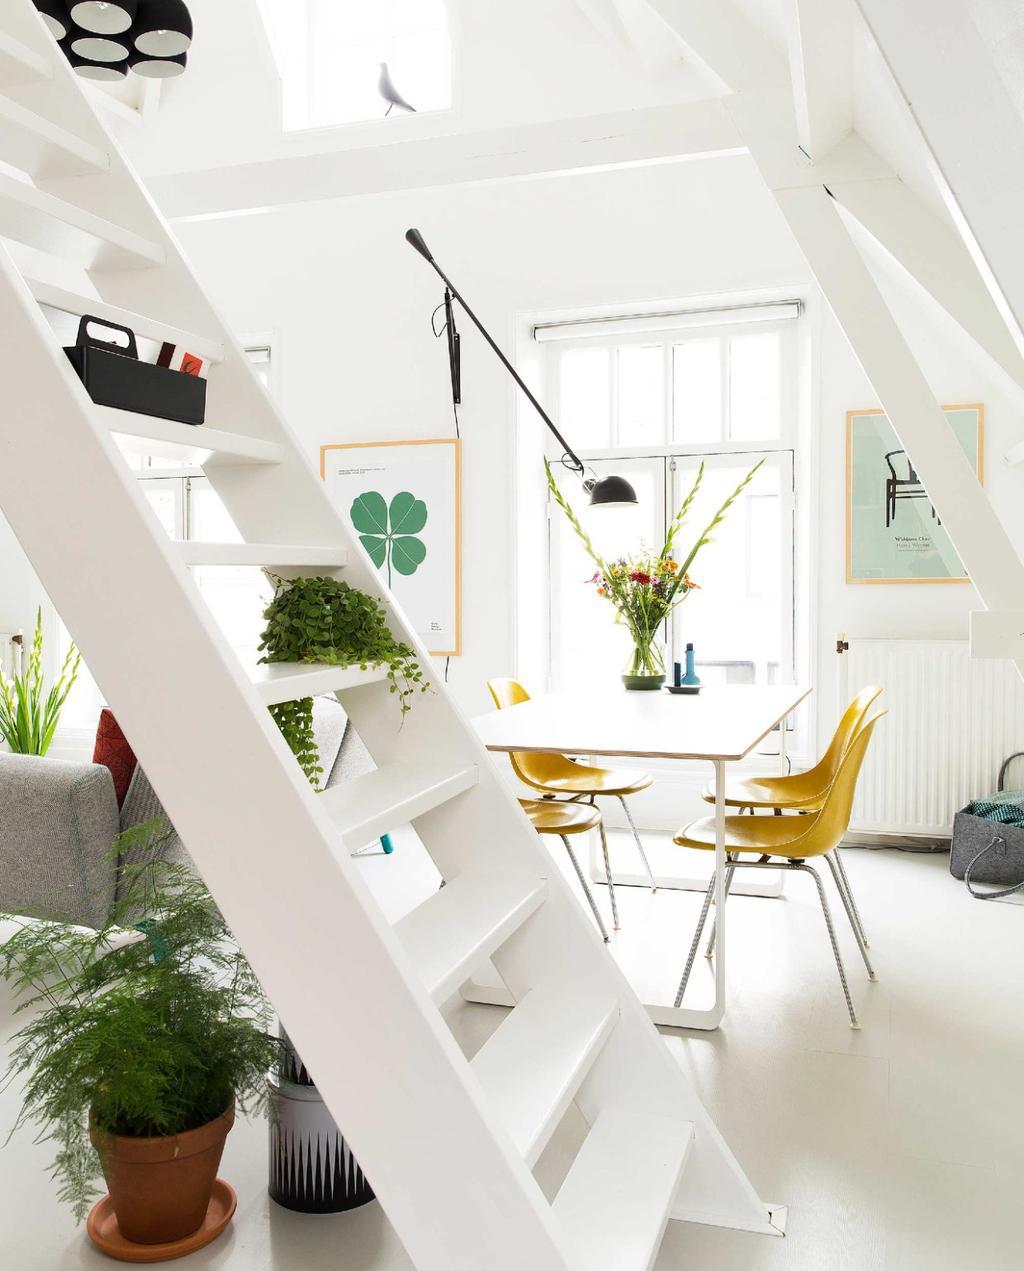 kleine zolderwoning wit met gele stoelen